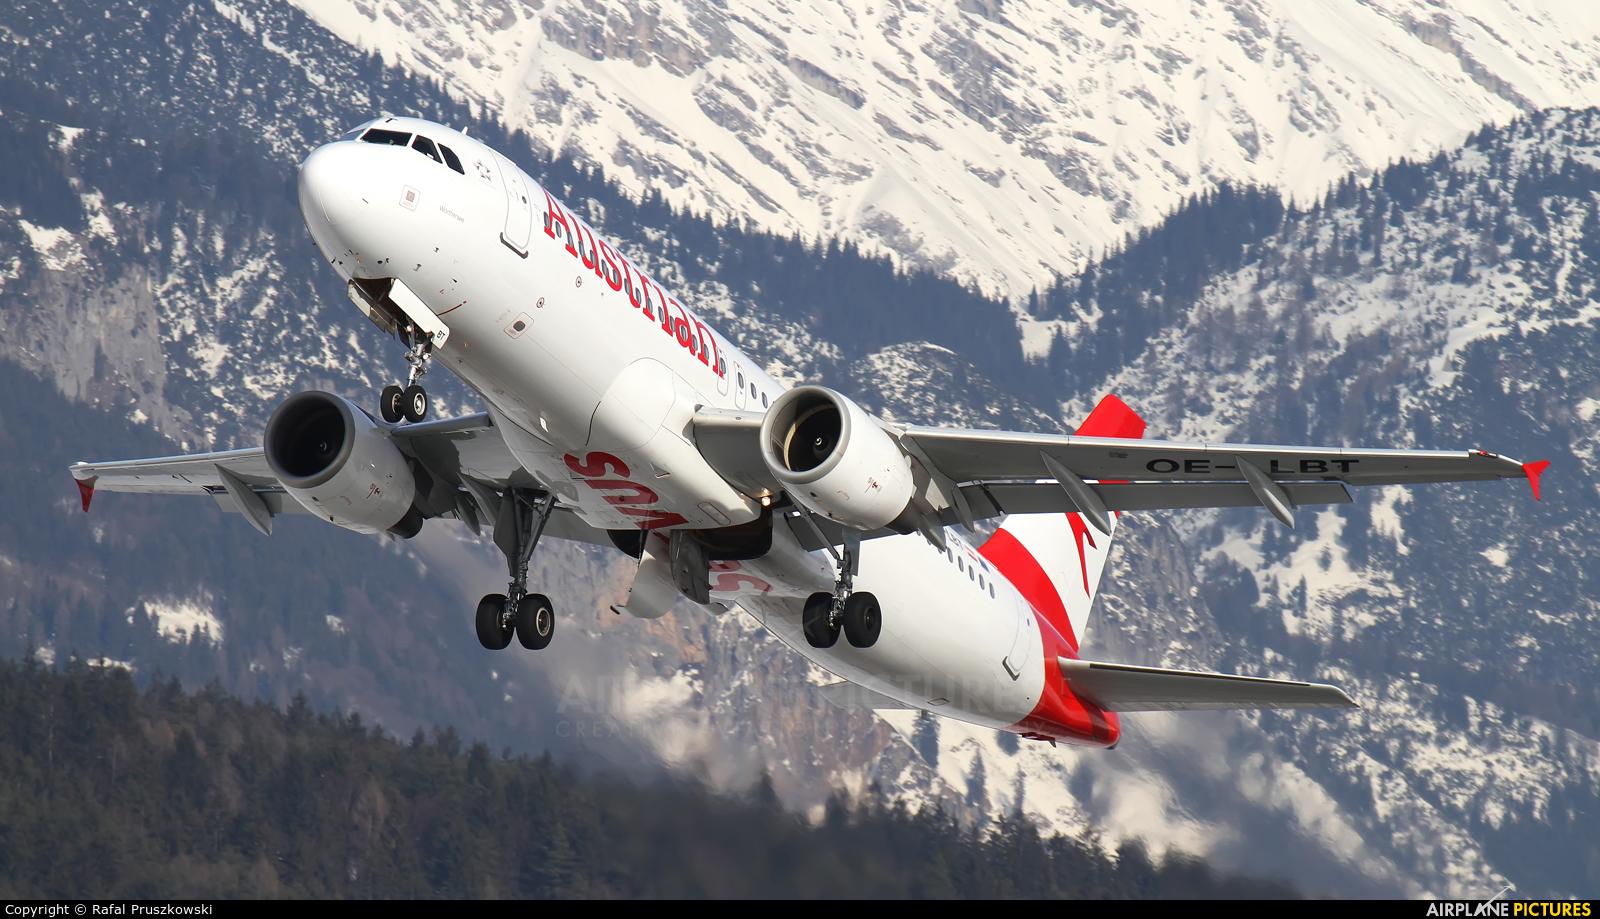 Austrian Airlines/Arrows/Tyrolean OE-LBT aircraft at Innsbruck